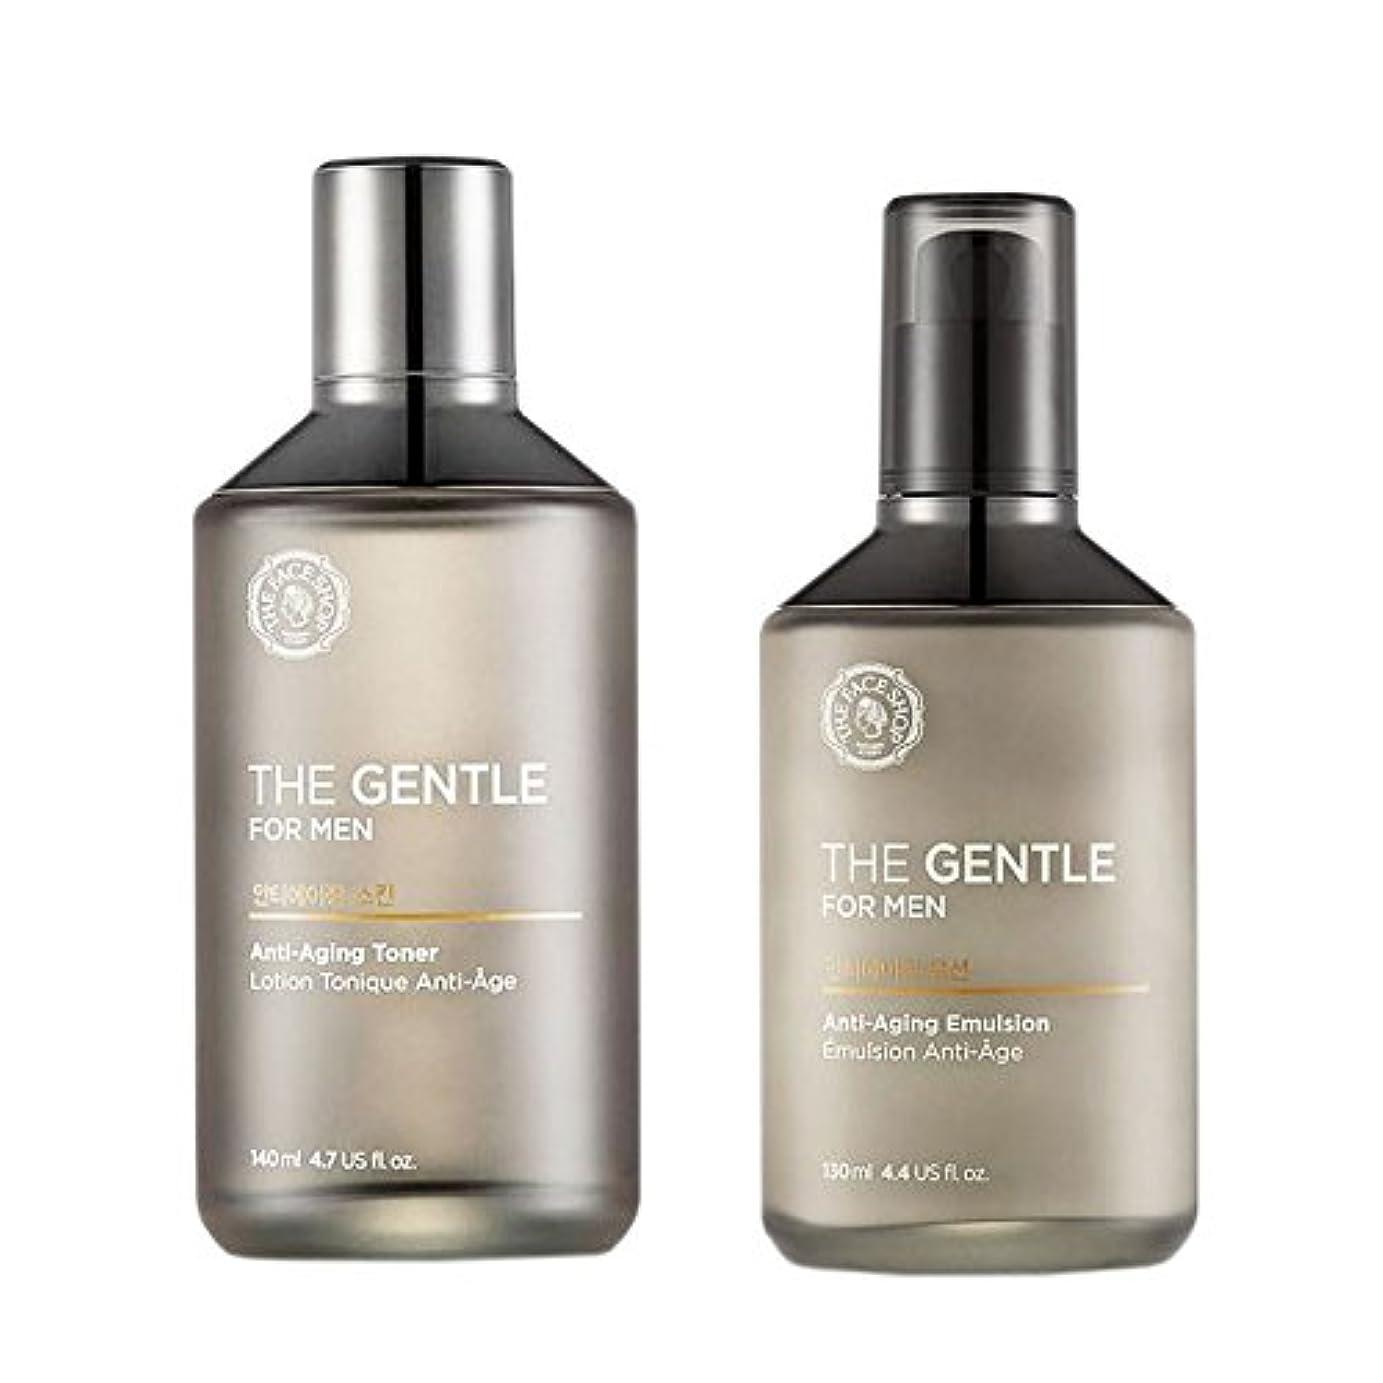 粒子正しい動物[ザ·フェイスショップ]The Face Shop ジェントルメンズセット(ローション+トナー) The Gentle For Men Skincare Set(Emulsion+Toner) [海外直送品]